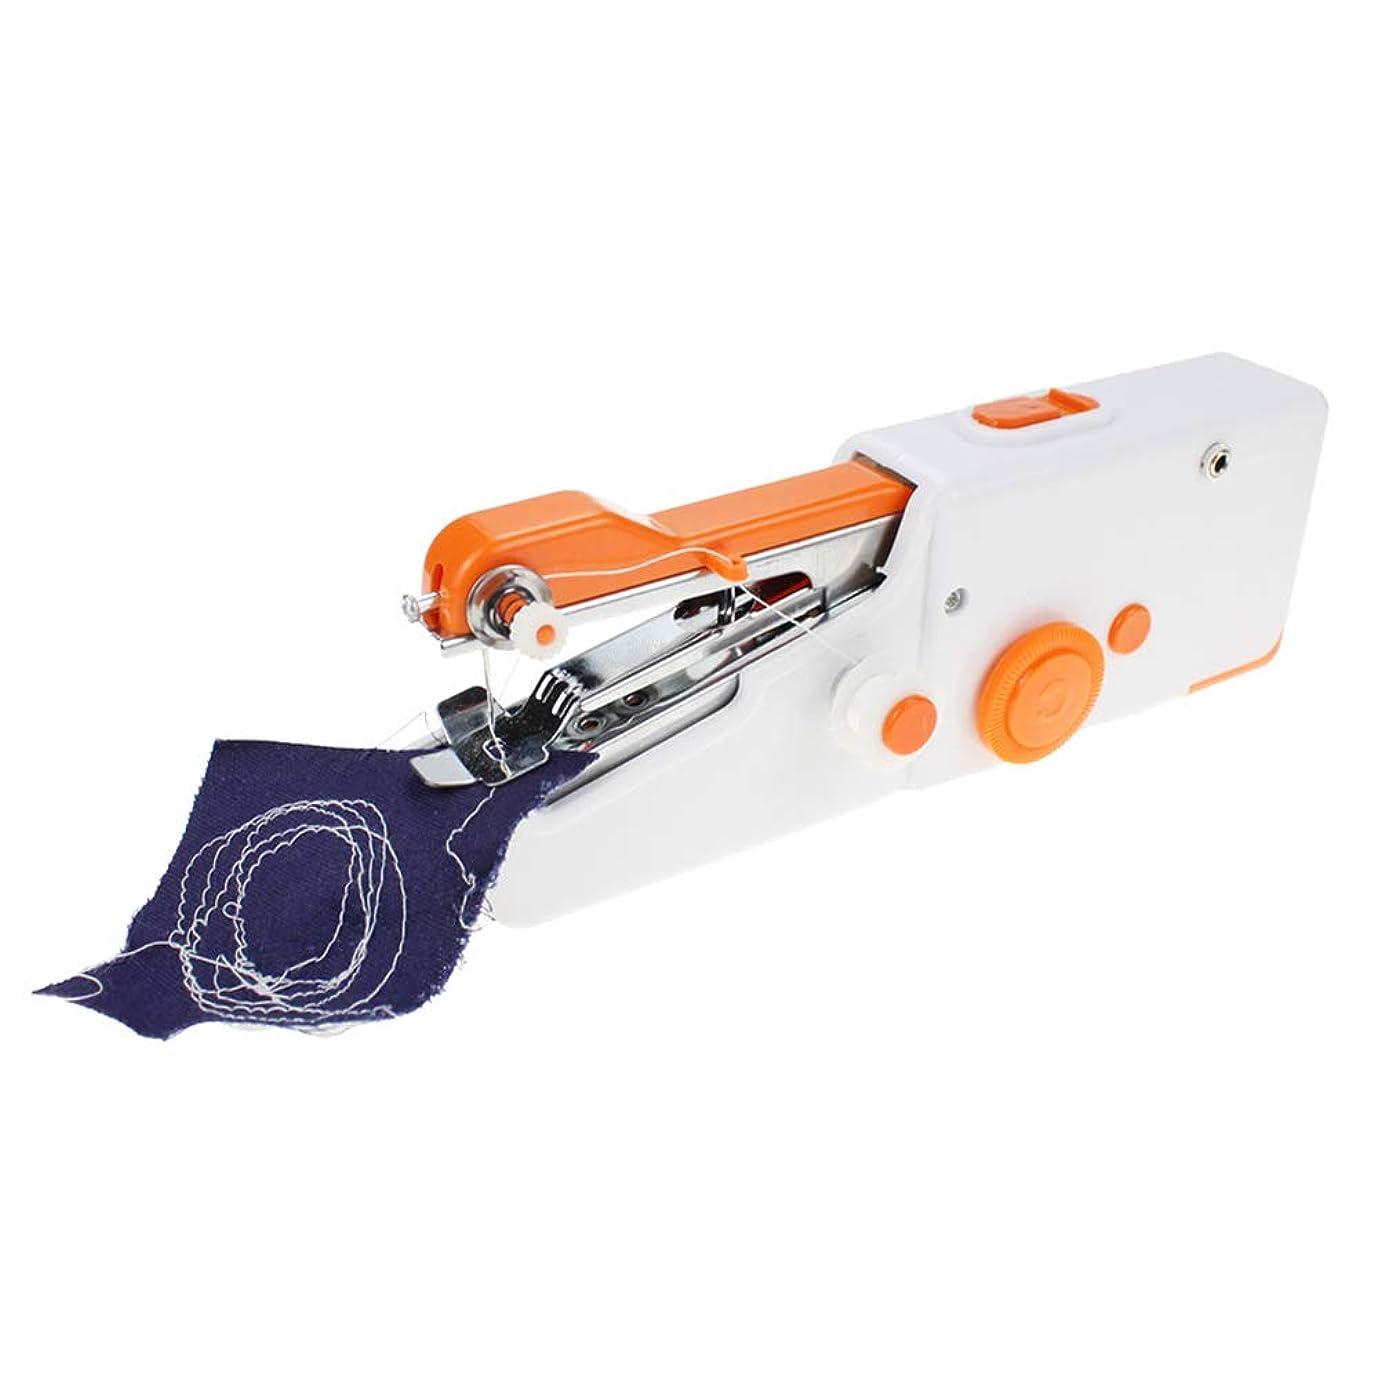 控える処方するそれによって4色ポータブルミニ手持ちミシン家庭用多機能ミニ電動ミシン orange